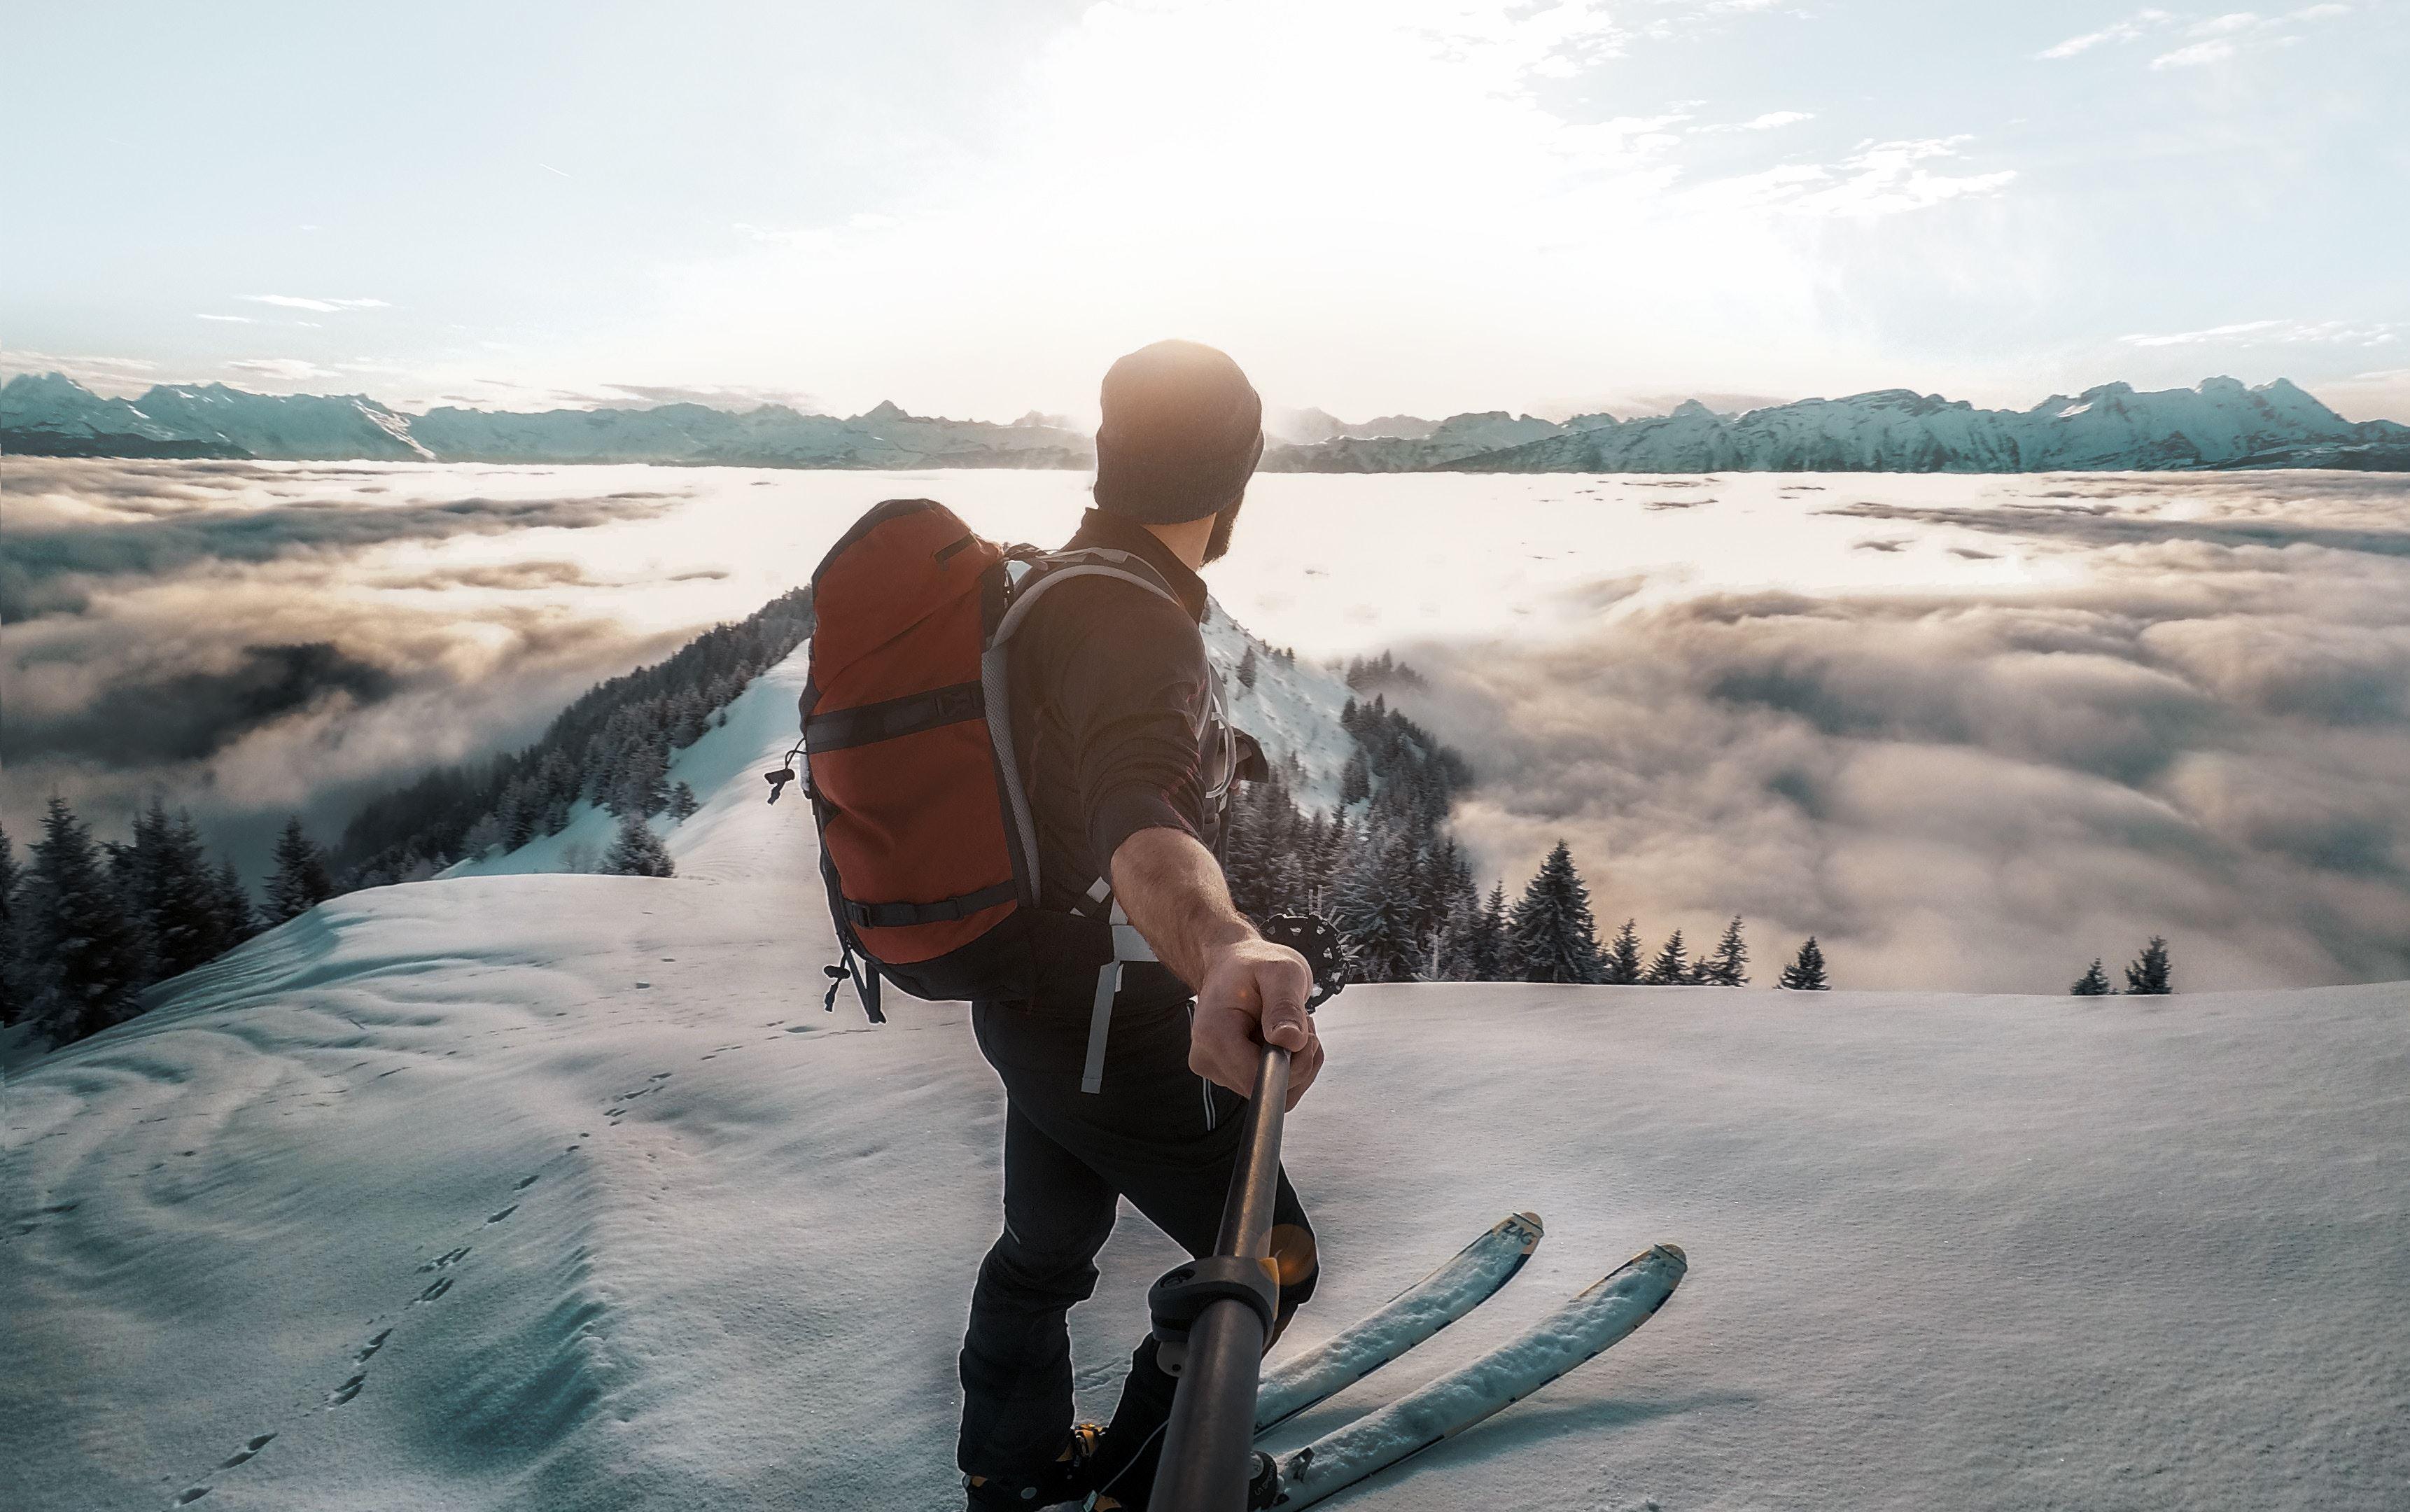 L'équipement High Tech du skieur